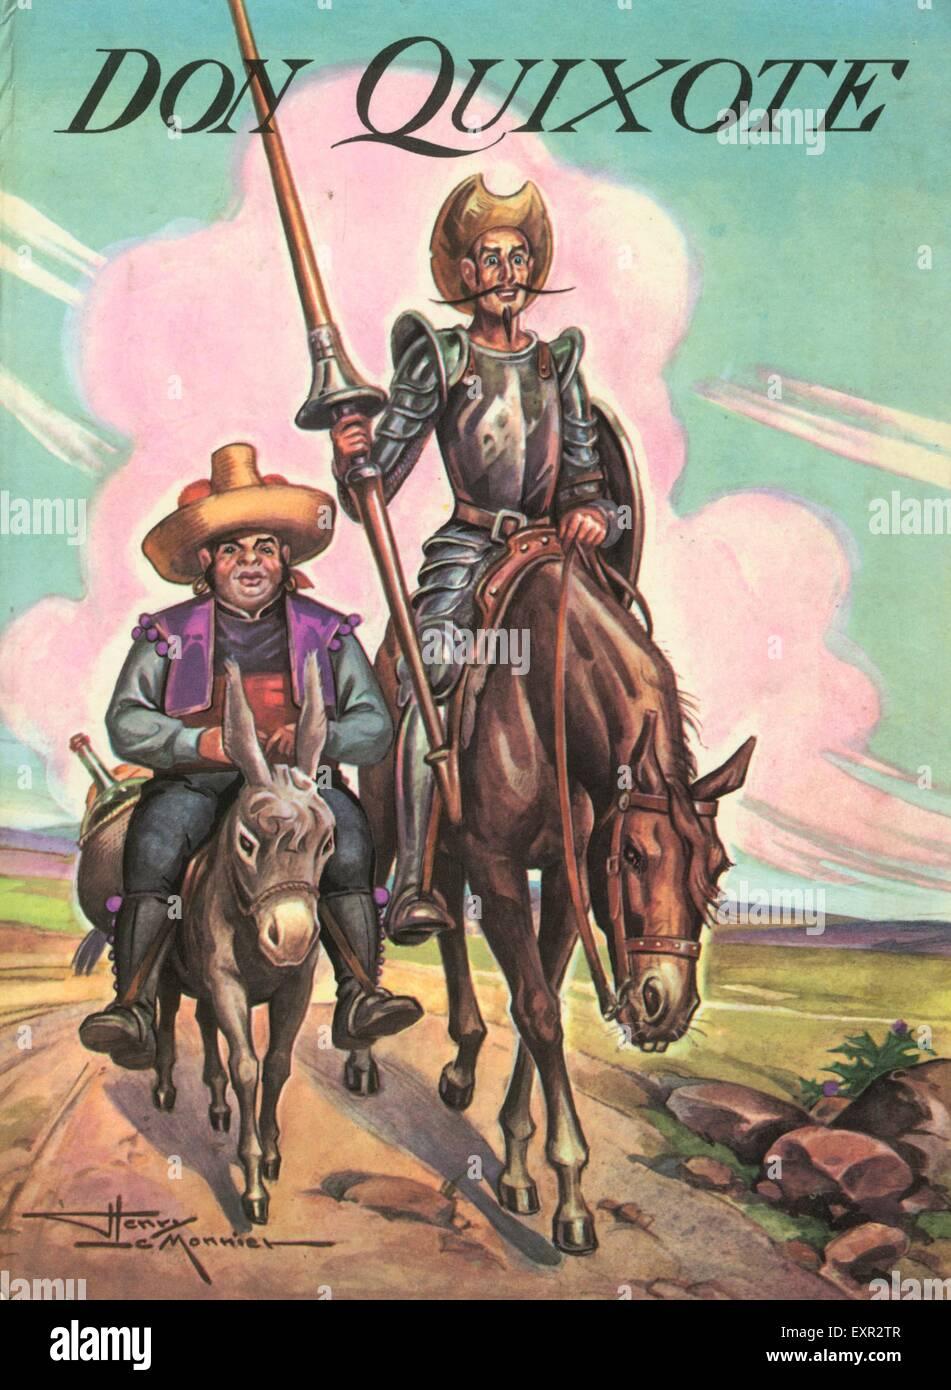 1970S UK Don Chisciotte per la copertina del libro Immagini Stock